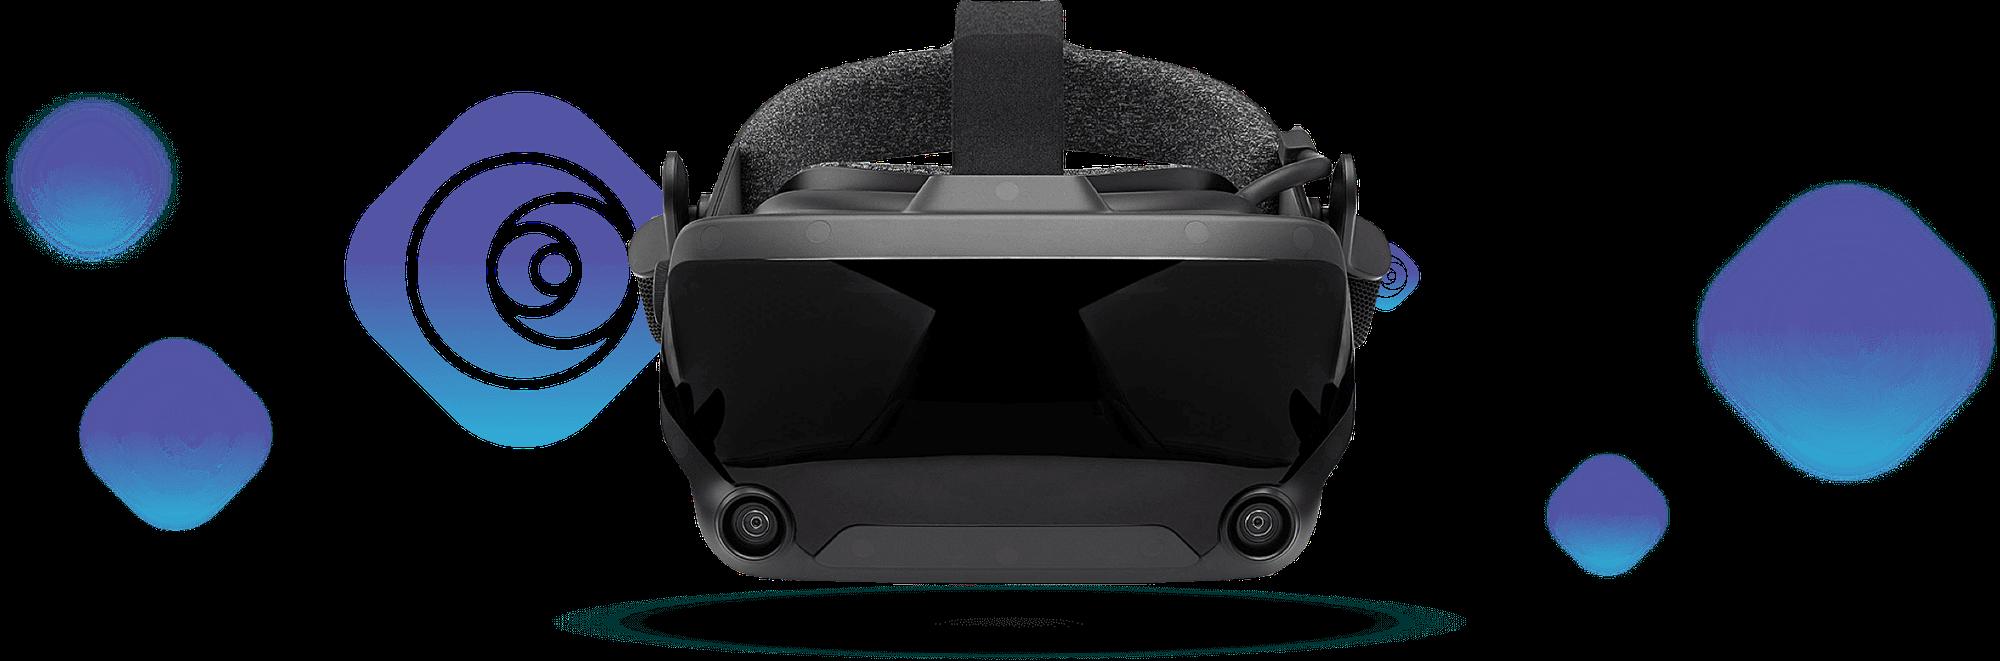 Maru VR peaseade